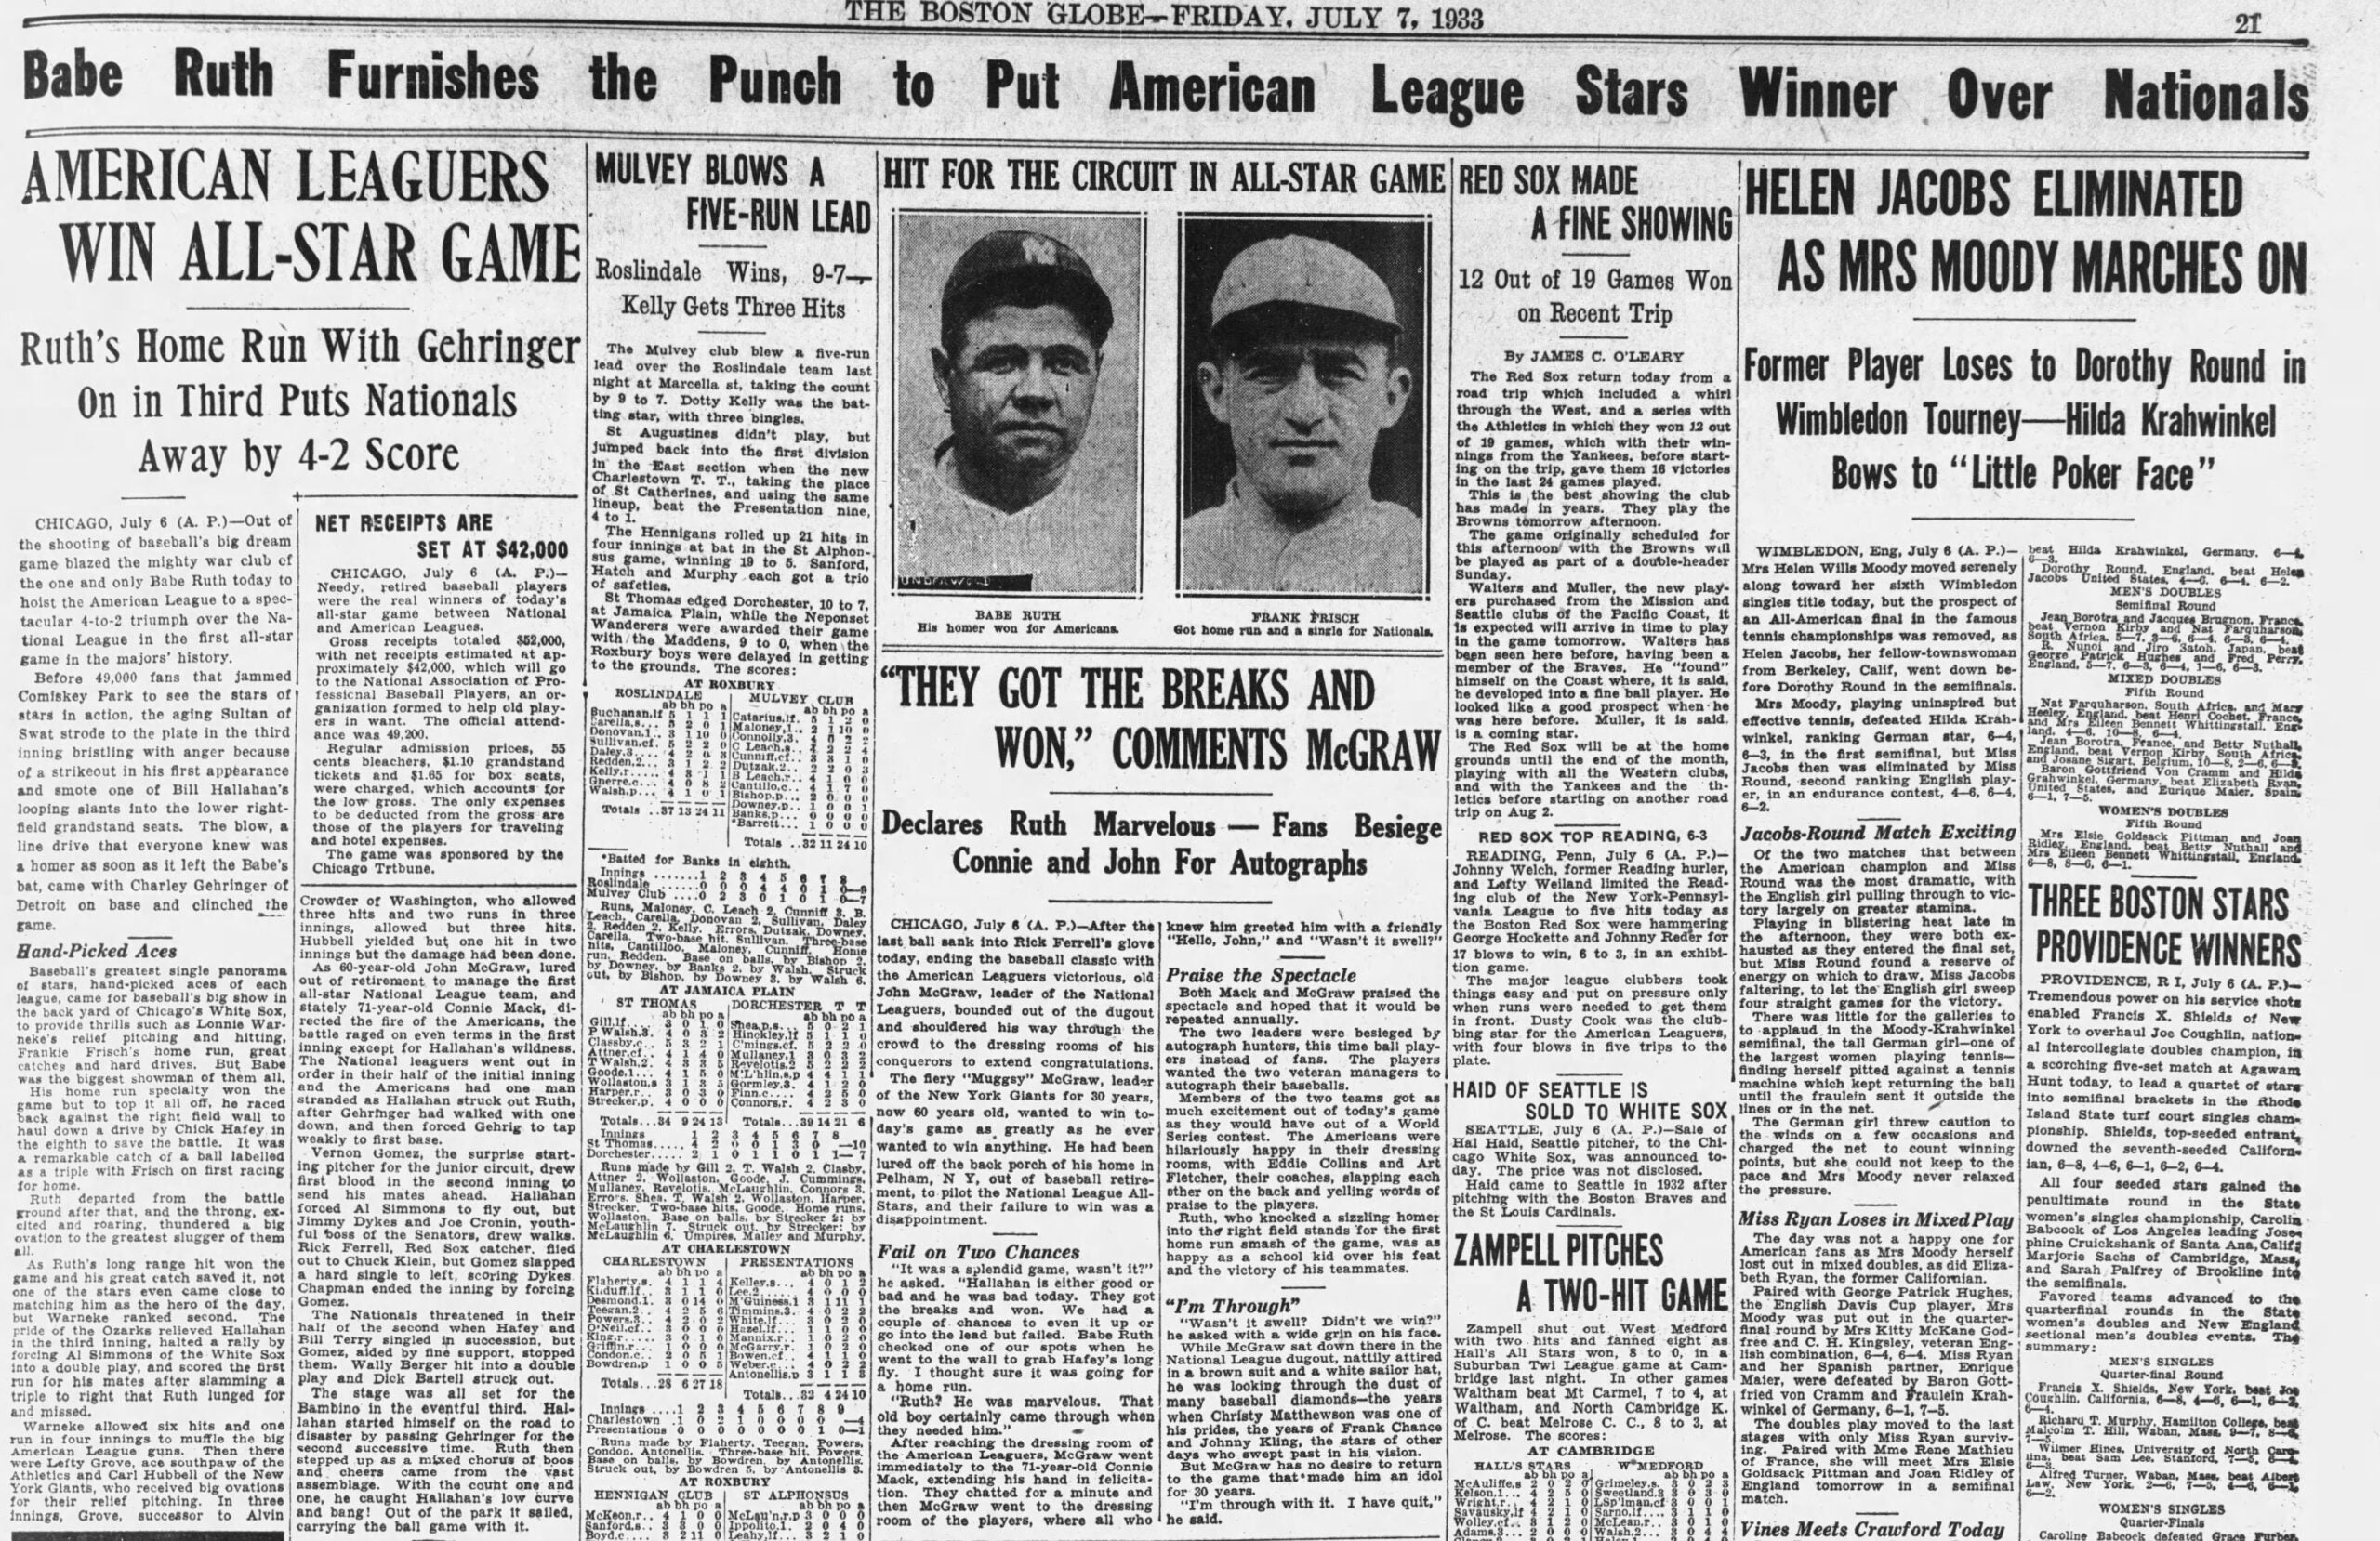 1933 Globe All-Star Game